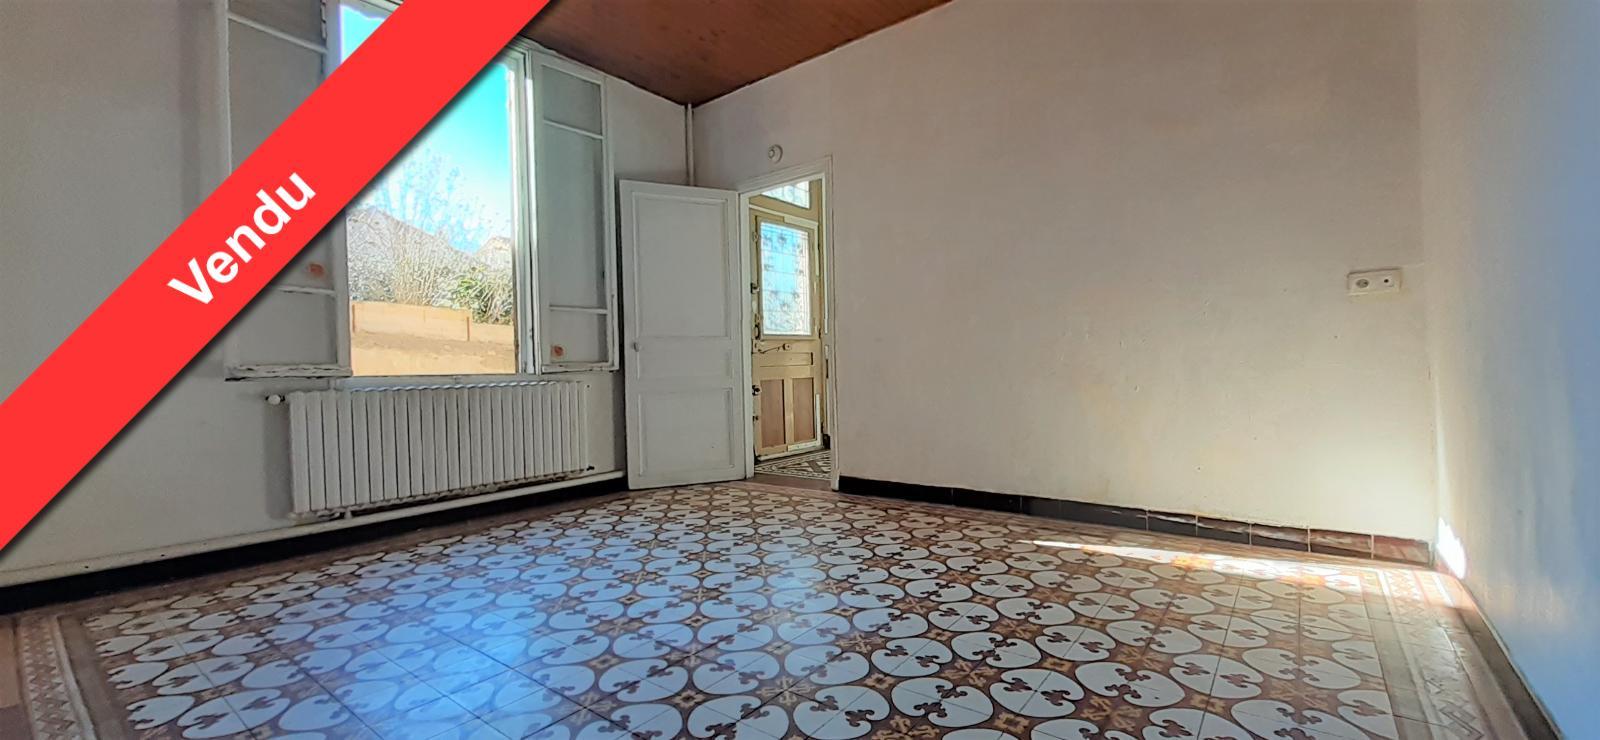 Maison/villa 5 pièces 120 m²